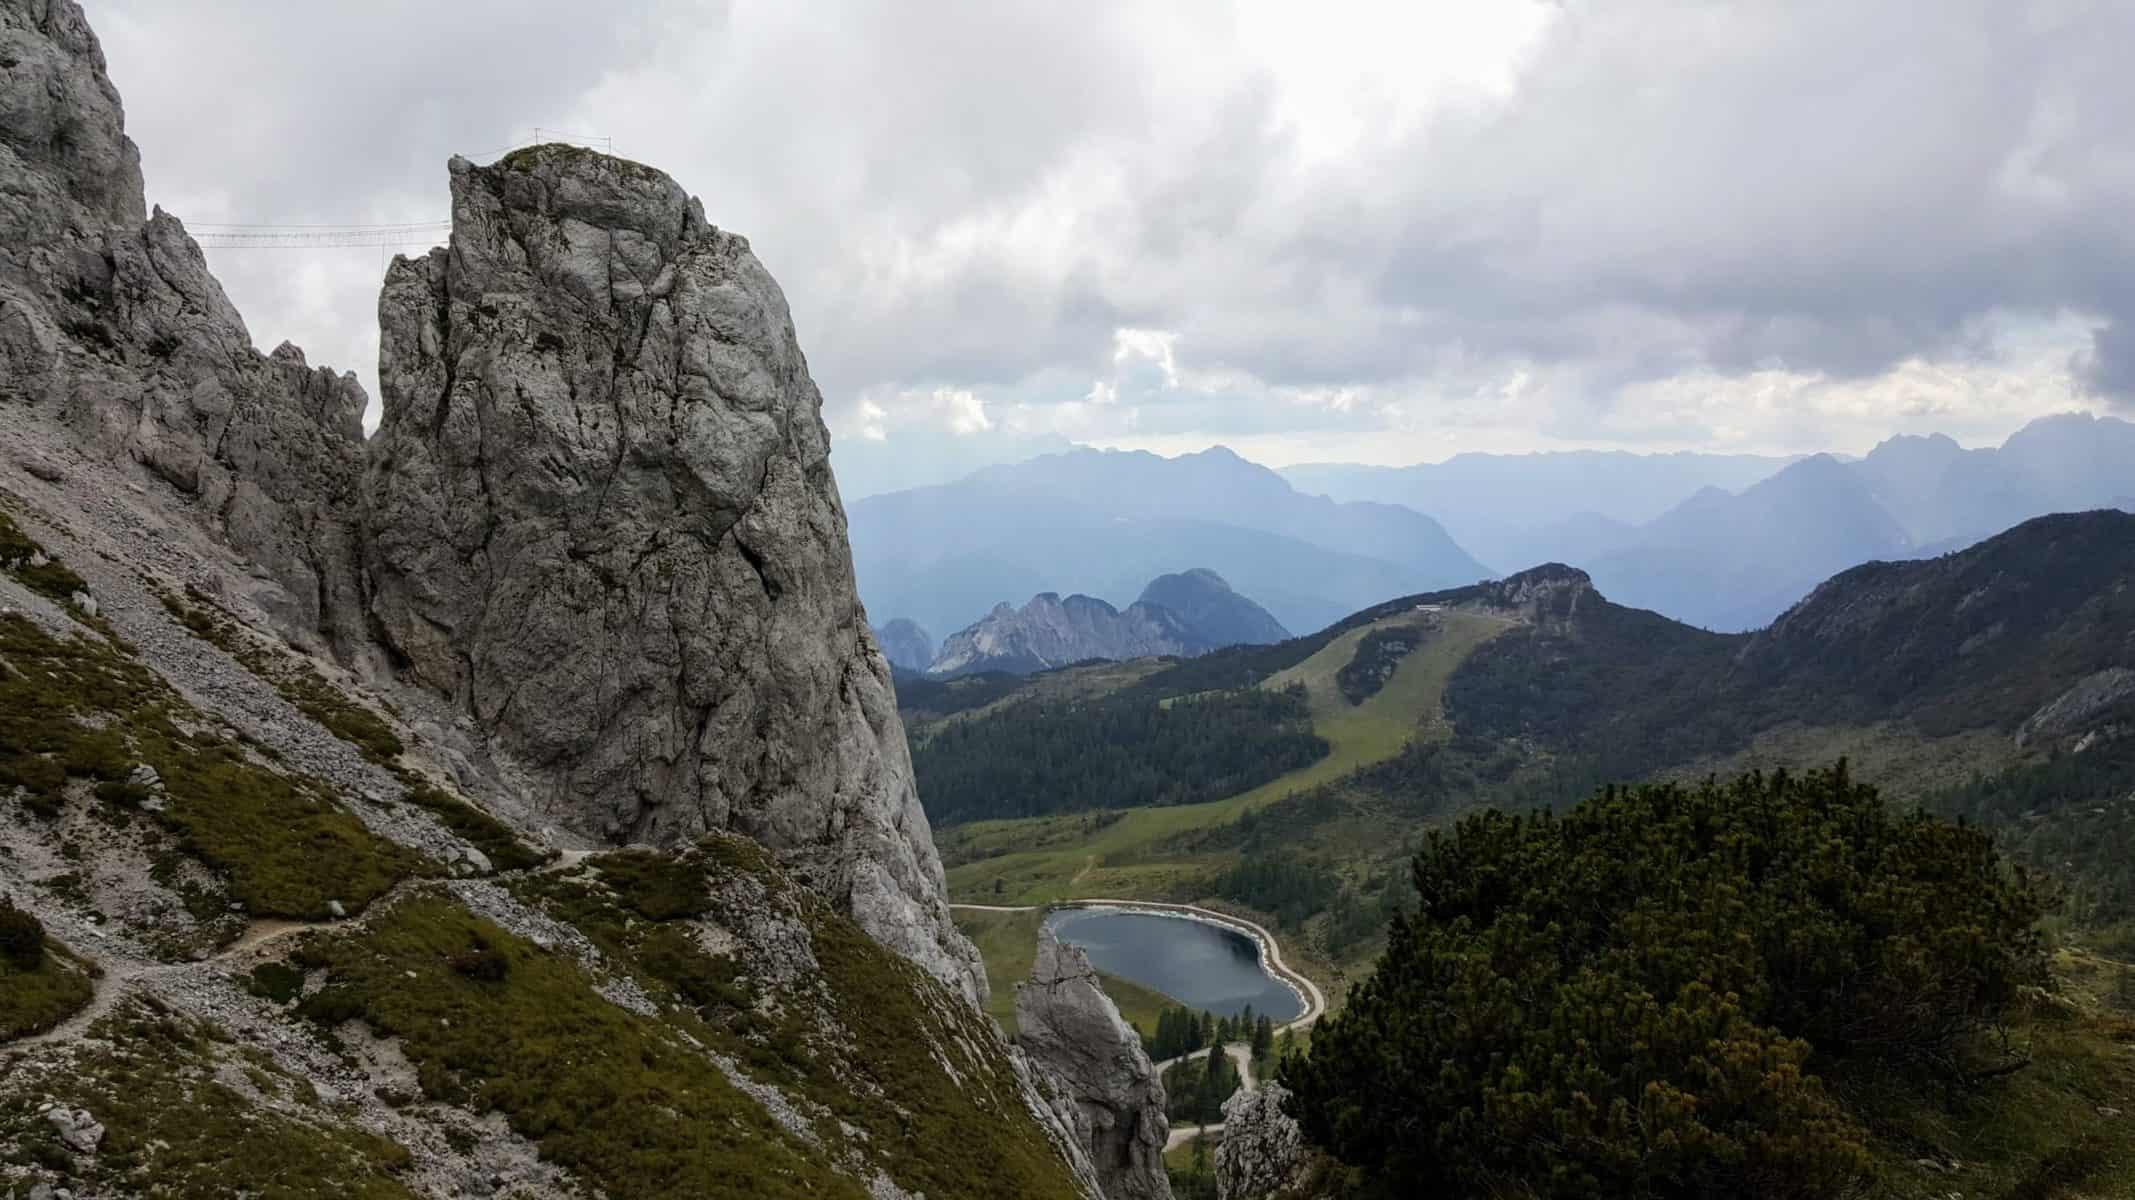 Nassfeld Klettersteig Däumling mit Nepal-Brücke und Blick auf Berge in Kärnten - Klettern in Österreich